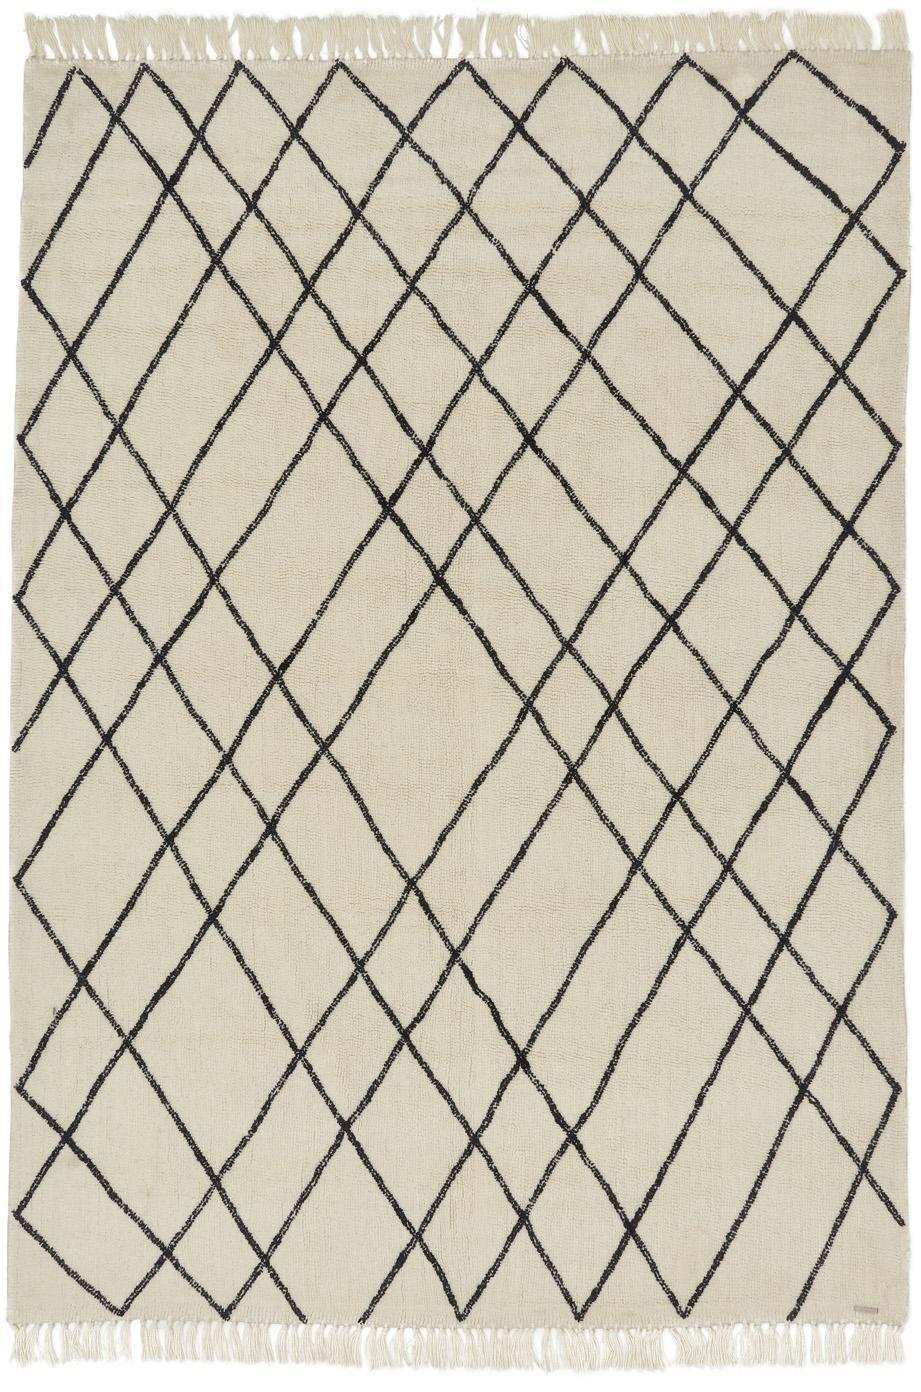 Wollteppich Graphic mit Rautenmuster, Creme, Schwarzes unregelmäßiges Dekor, B 200 x L 300 cm (Größe L)